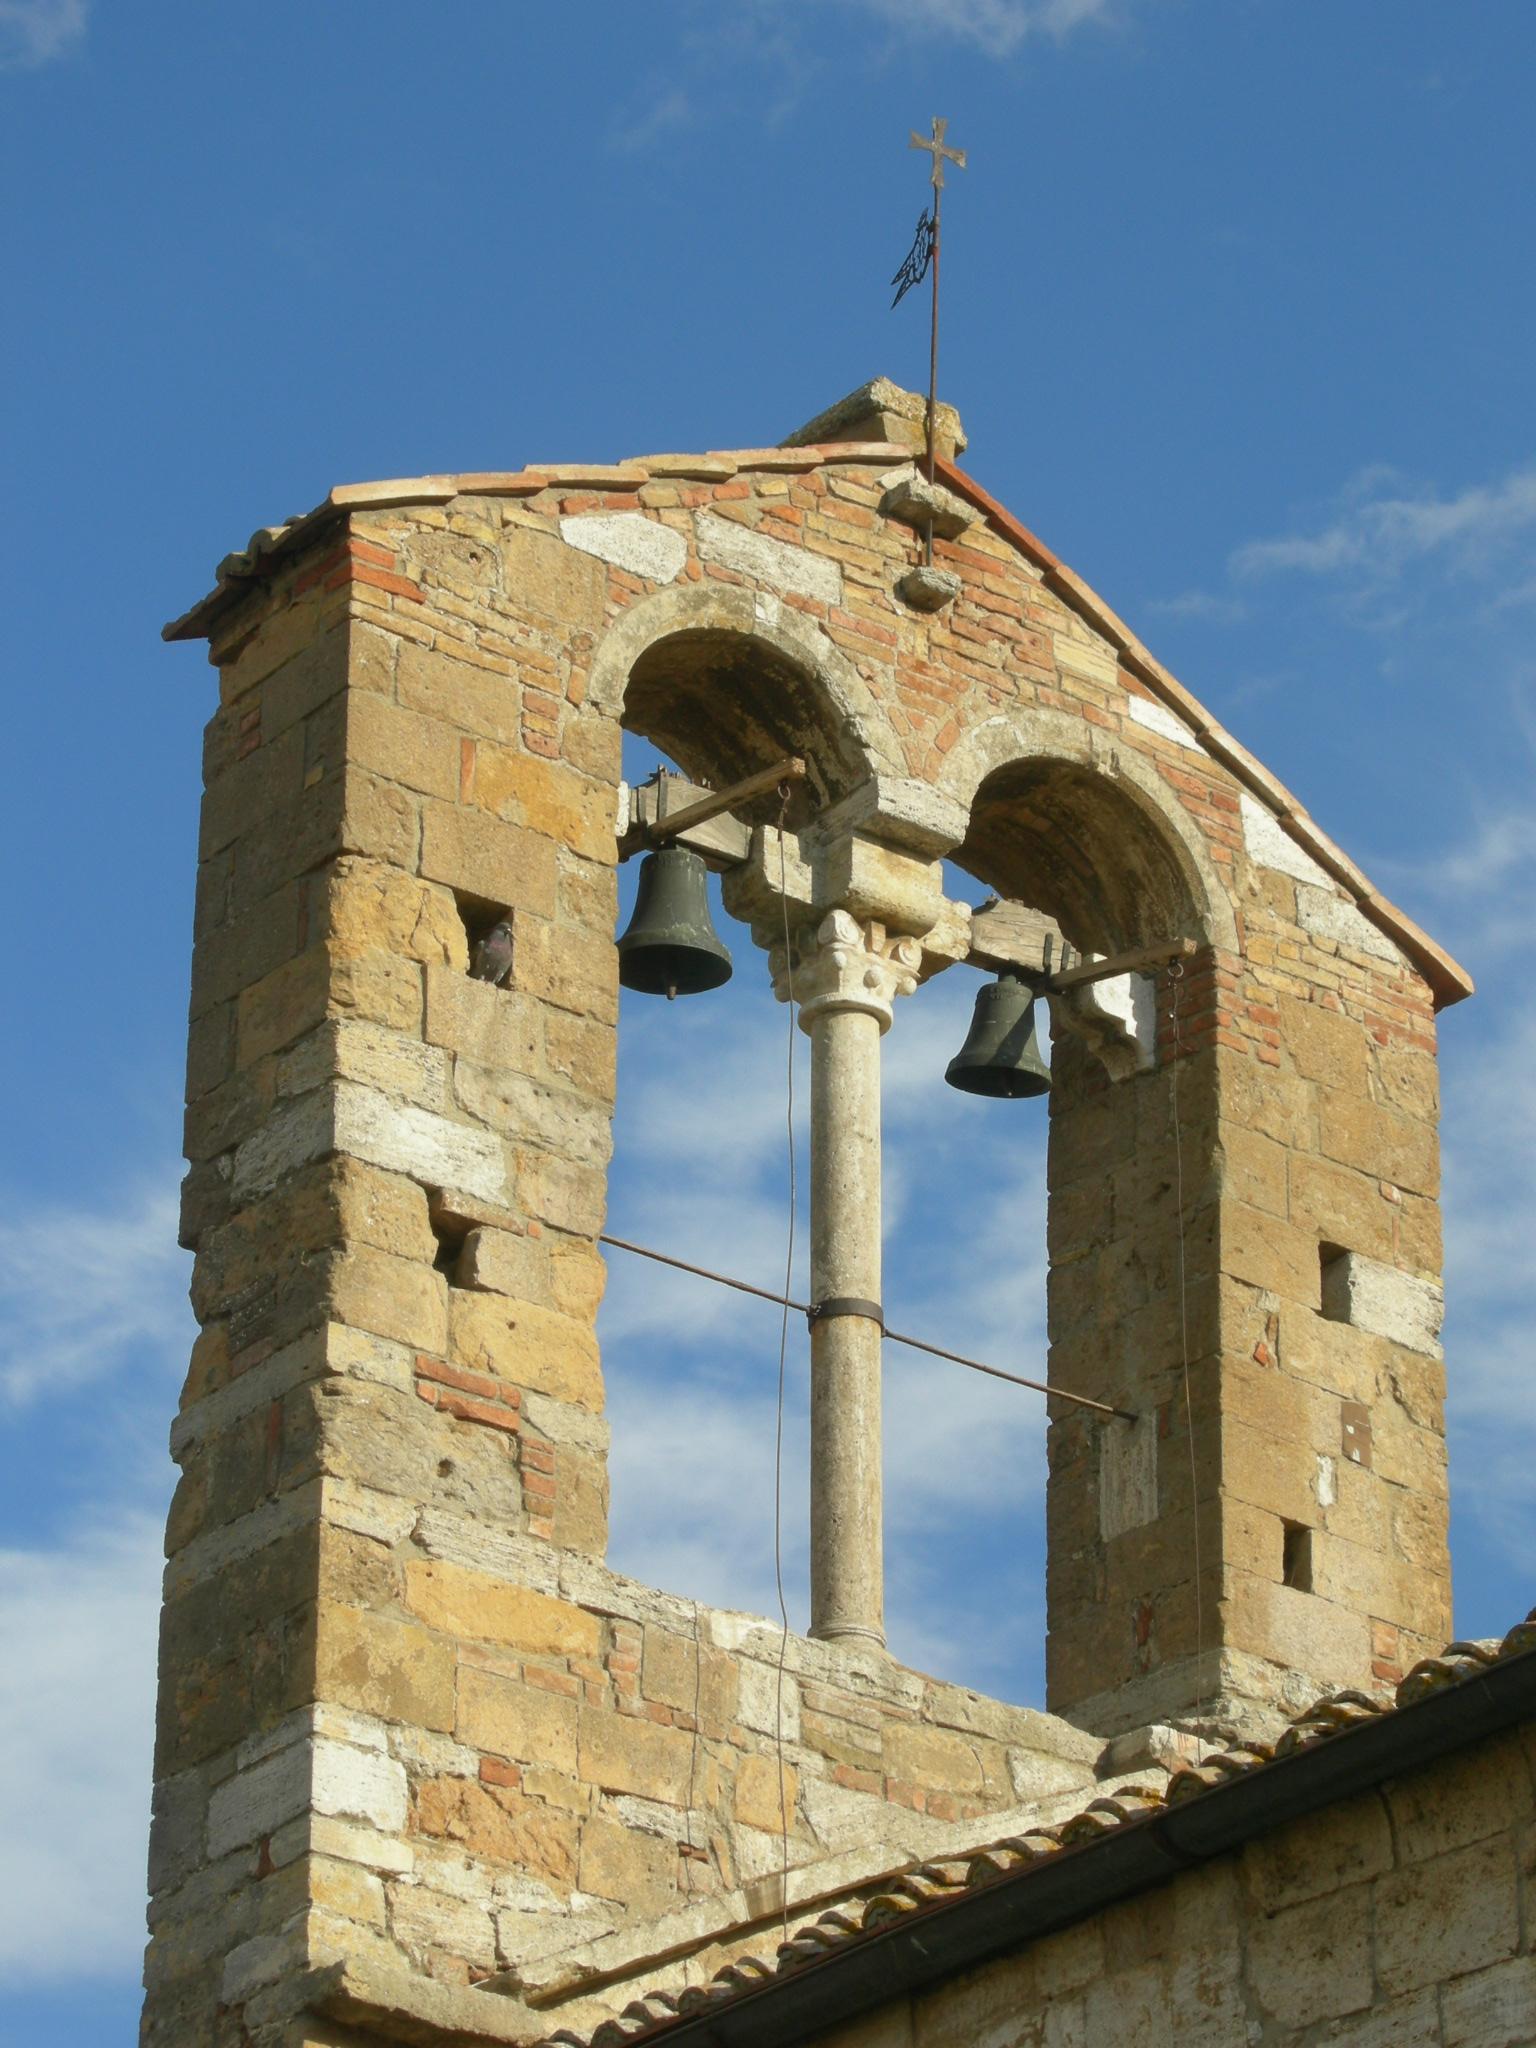 Campanile della chiesa Santa Maria Assuntai, San Quirico d'Orcia